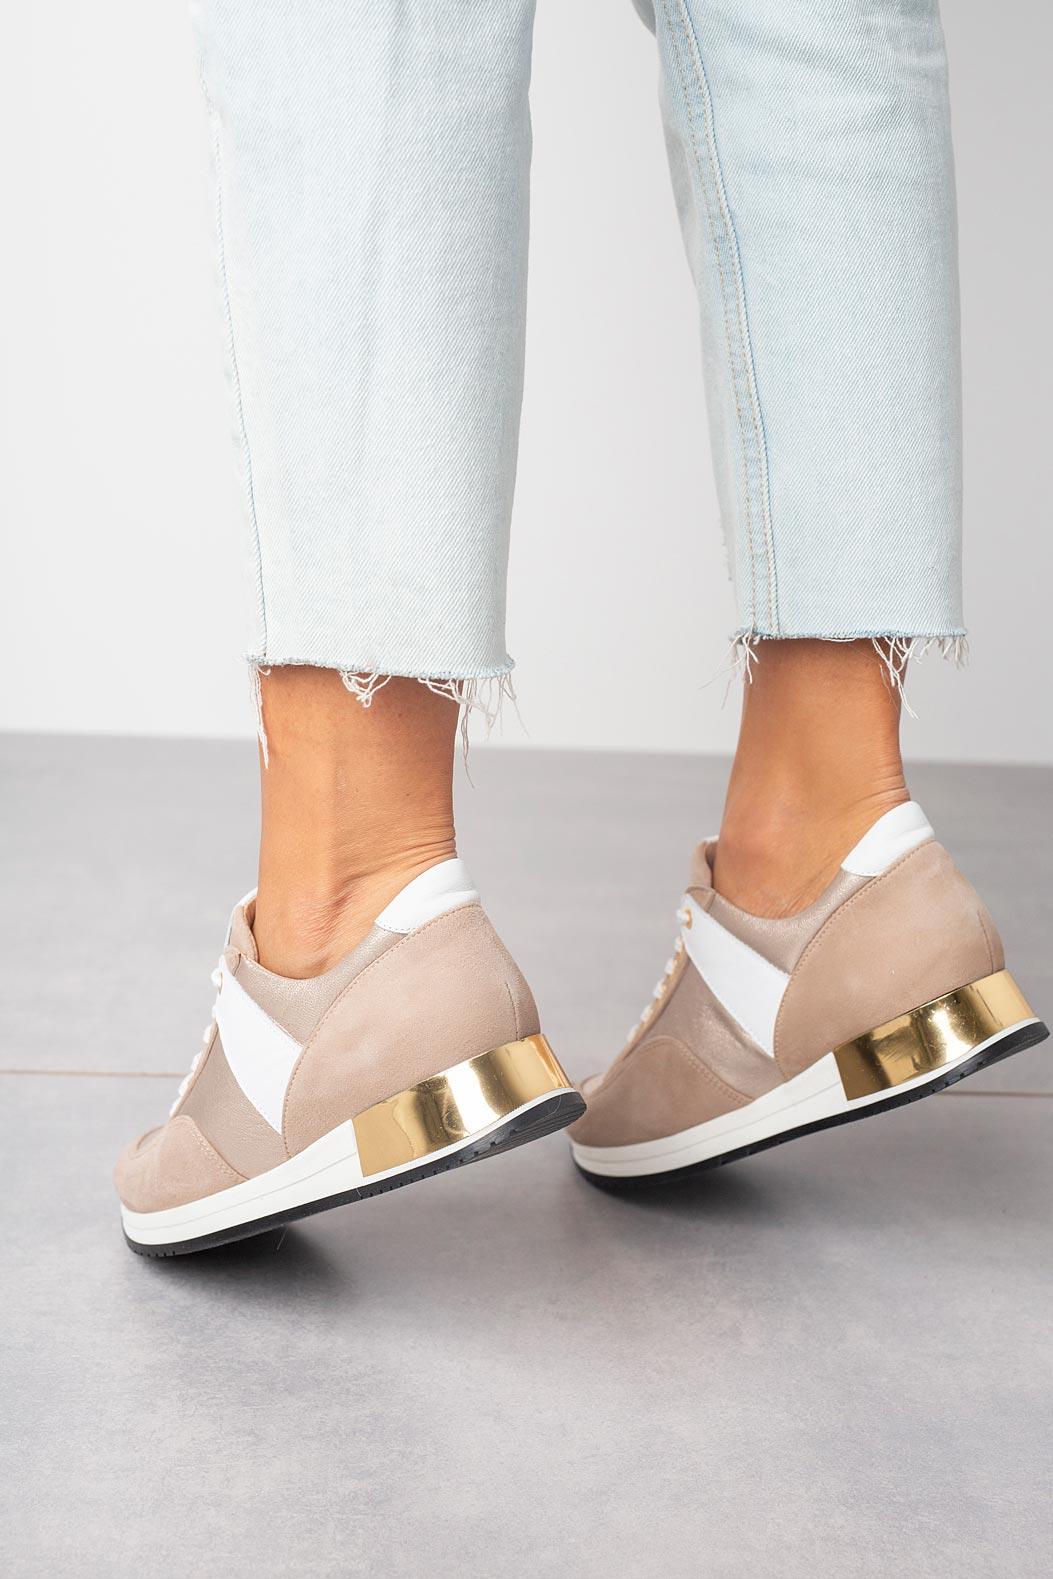 Beżowe sneakersy Kati buty sportowe sznurowane 7003 beżowy